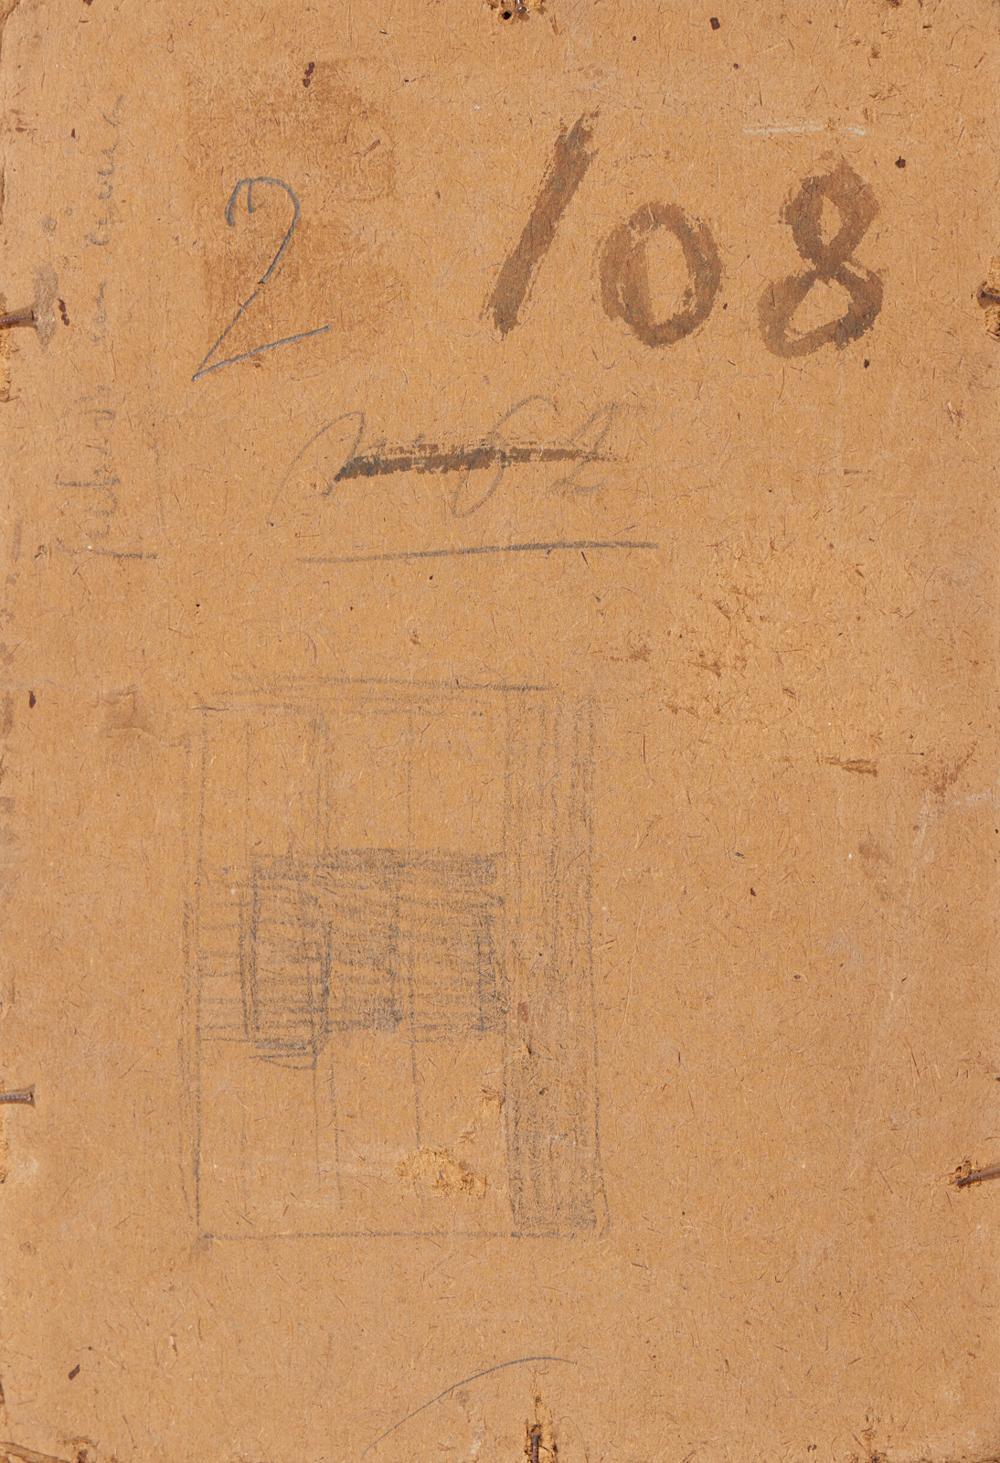 Autor não ident., Óleo s/tela,s/cartão,28x20 cm.